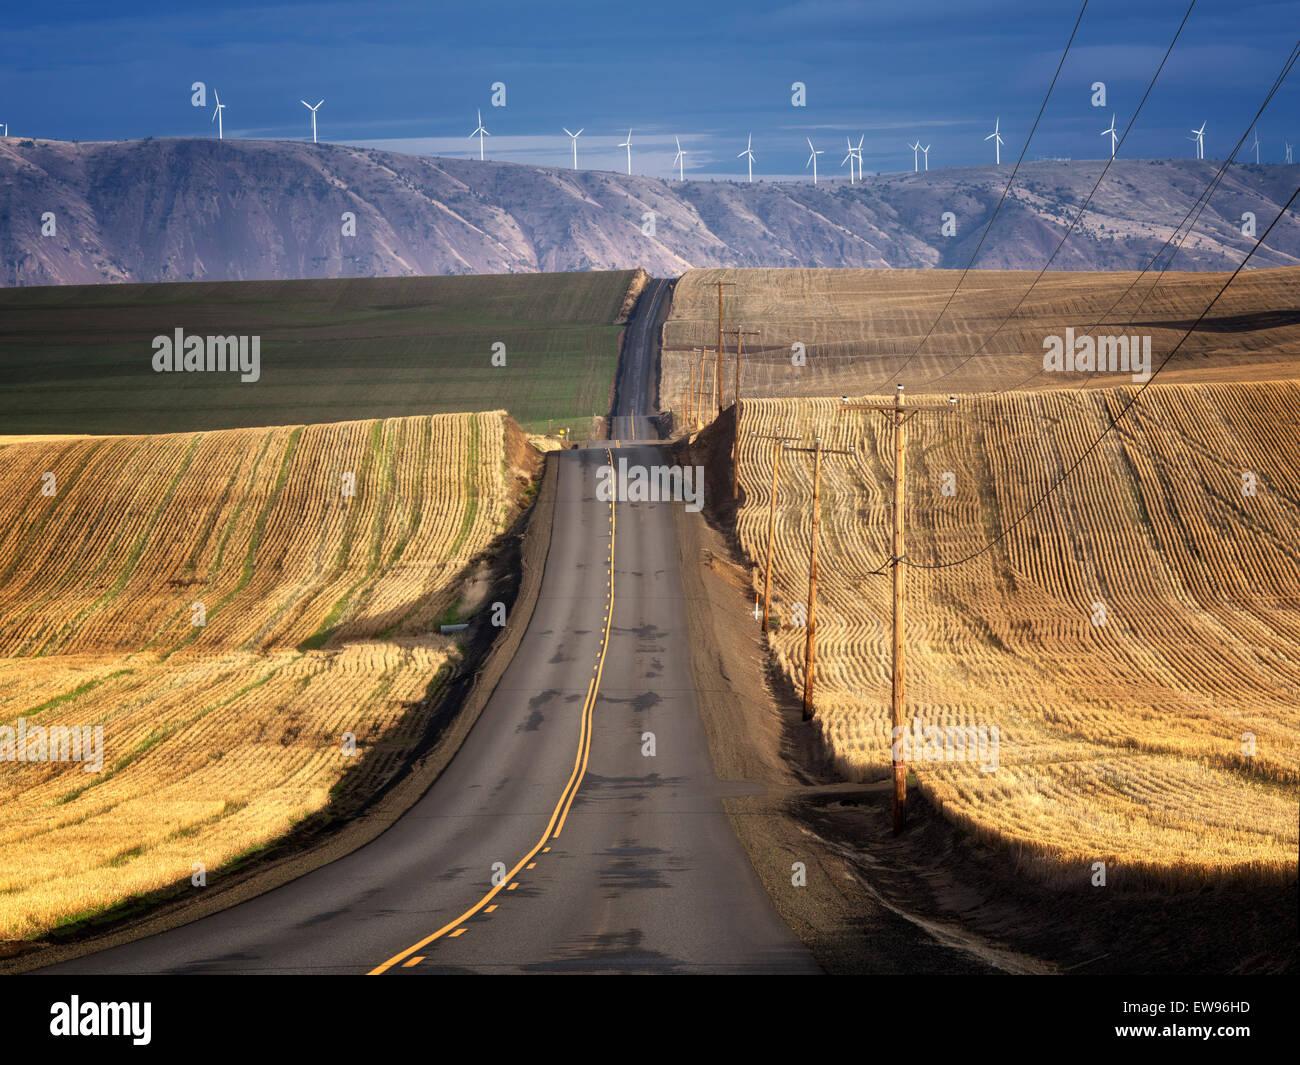 Backroad e delle turbine a vento in Sherman County vicino al Columbia River Gorge, Oregon Immagini Stock